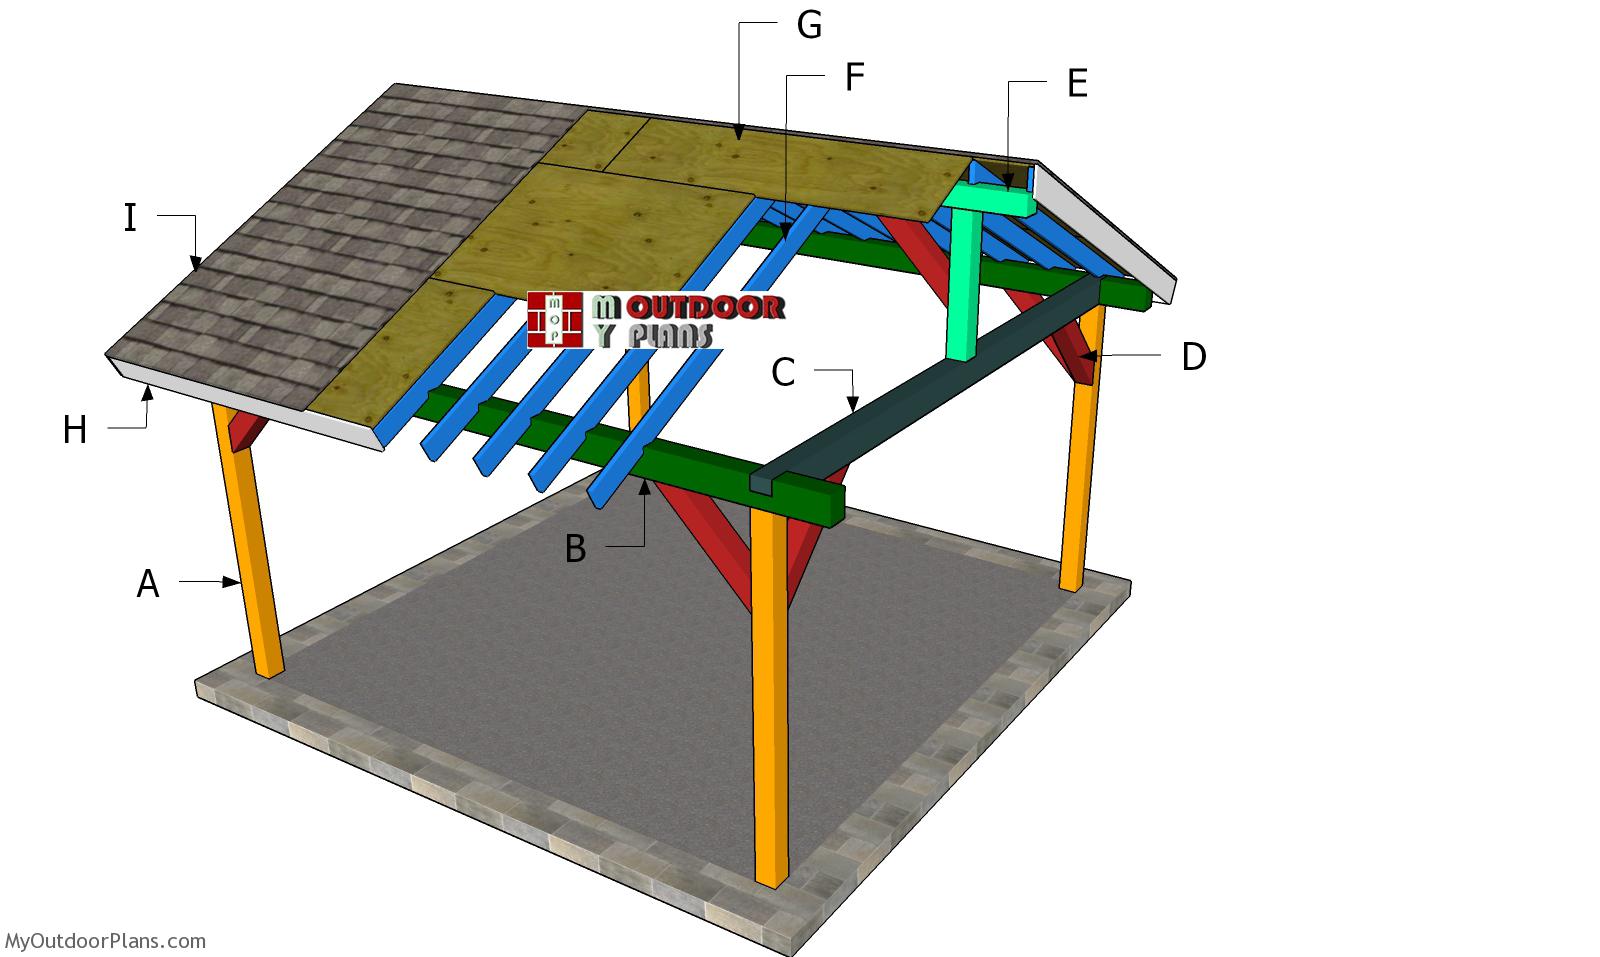 15x15 Pavilion - Gable Roof Plans